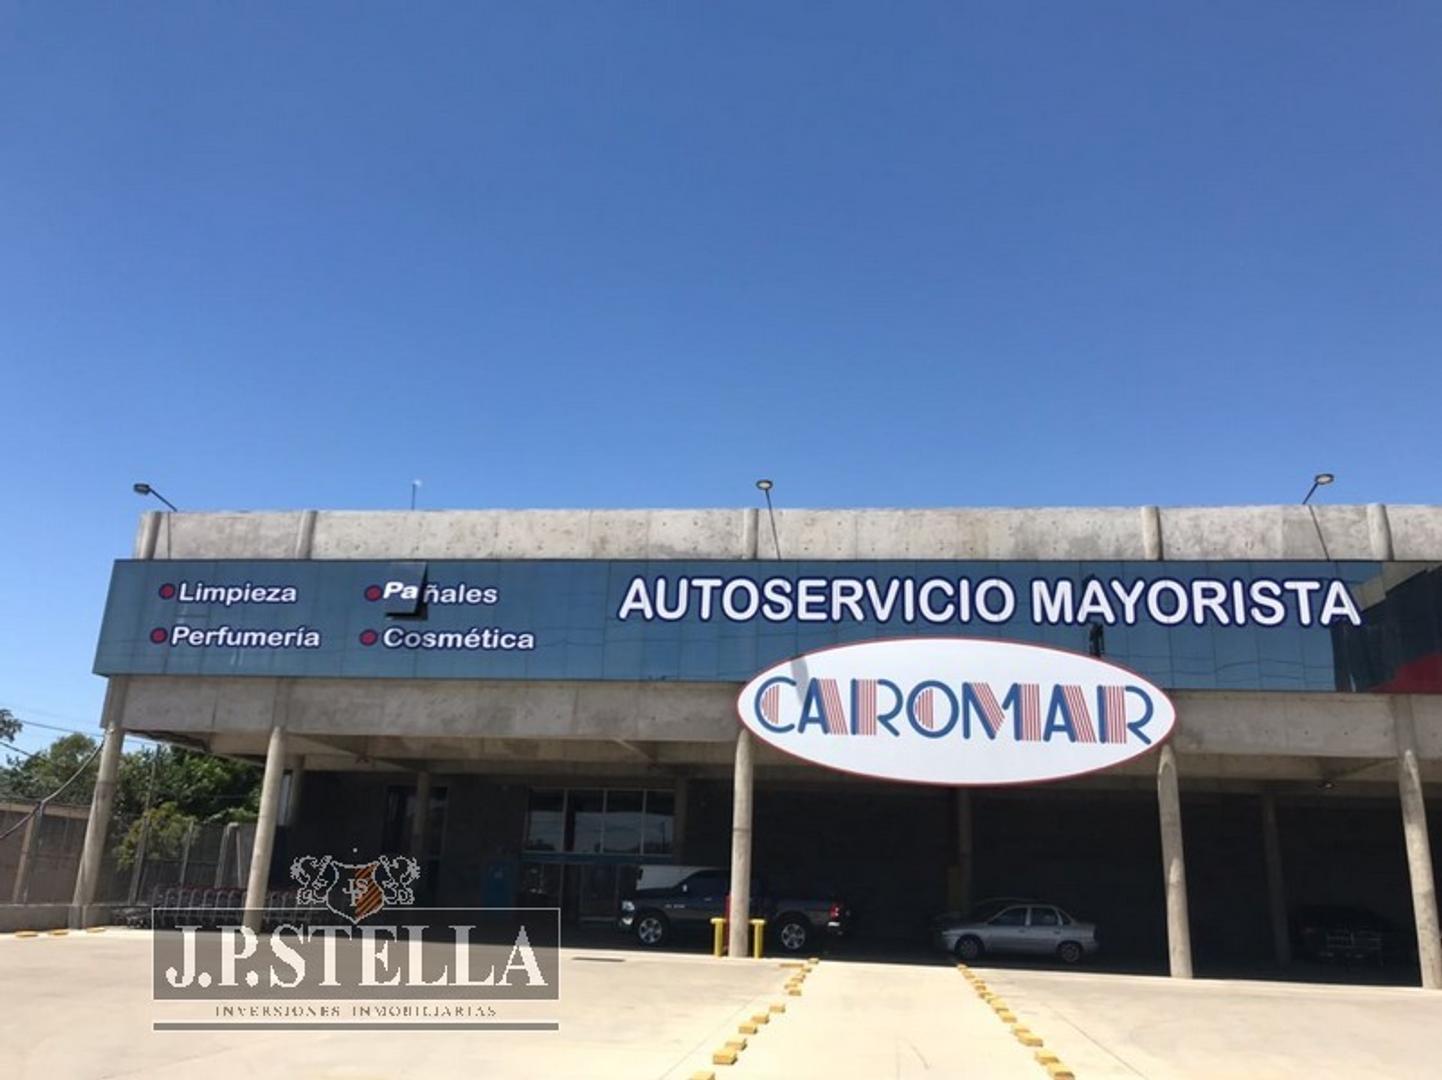 Salon/eposito 1000 m² en 1° Piso c/ Playa de Estacionamiento - Col. Acceso Oeste Km 34.200 - Moreno